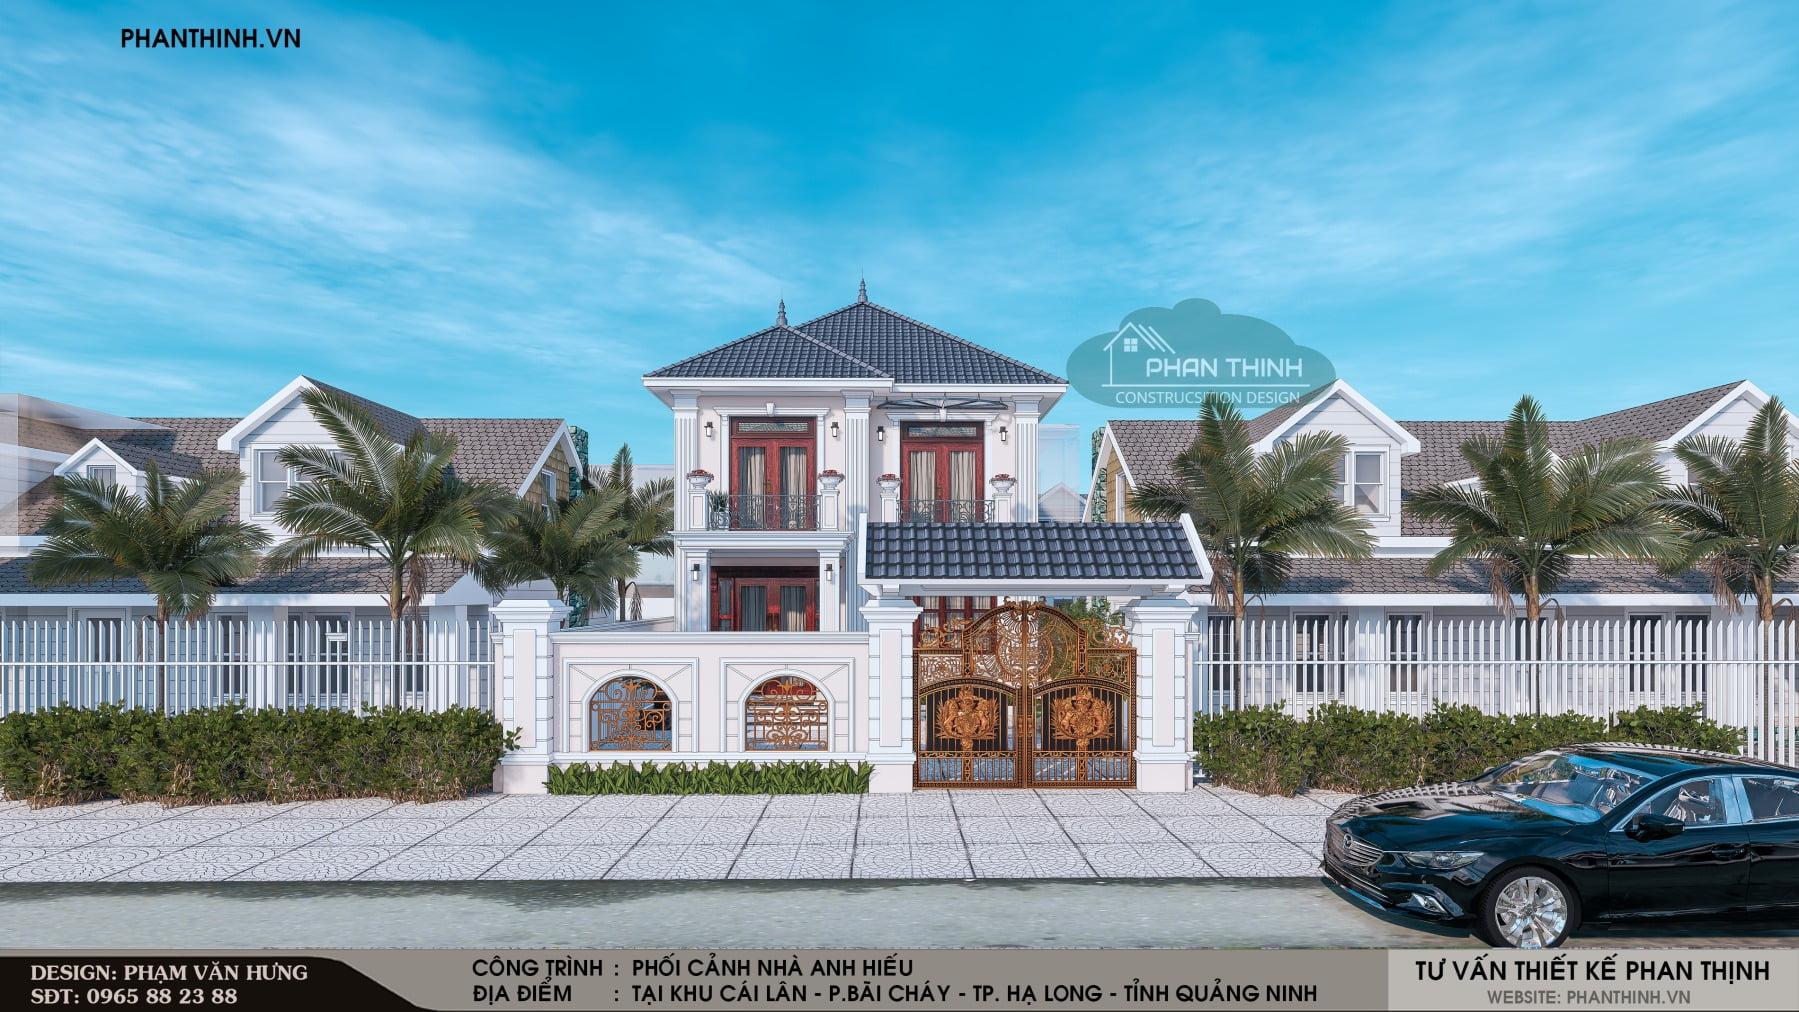 Thiết kế xây dựng nhà biệt thự 2 tầng mang phong cách tân cổ điển tại Quảng Ninh